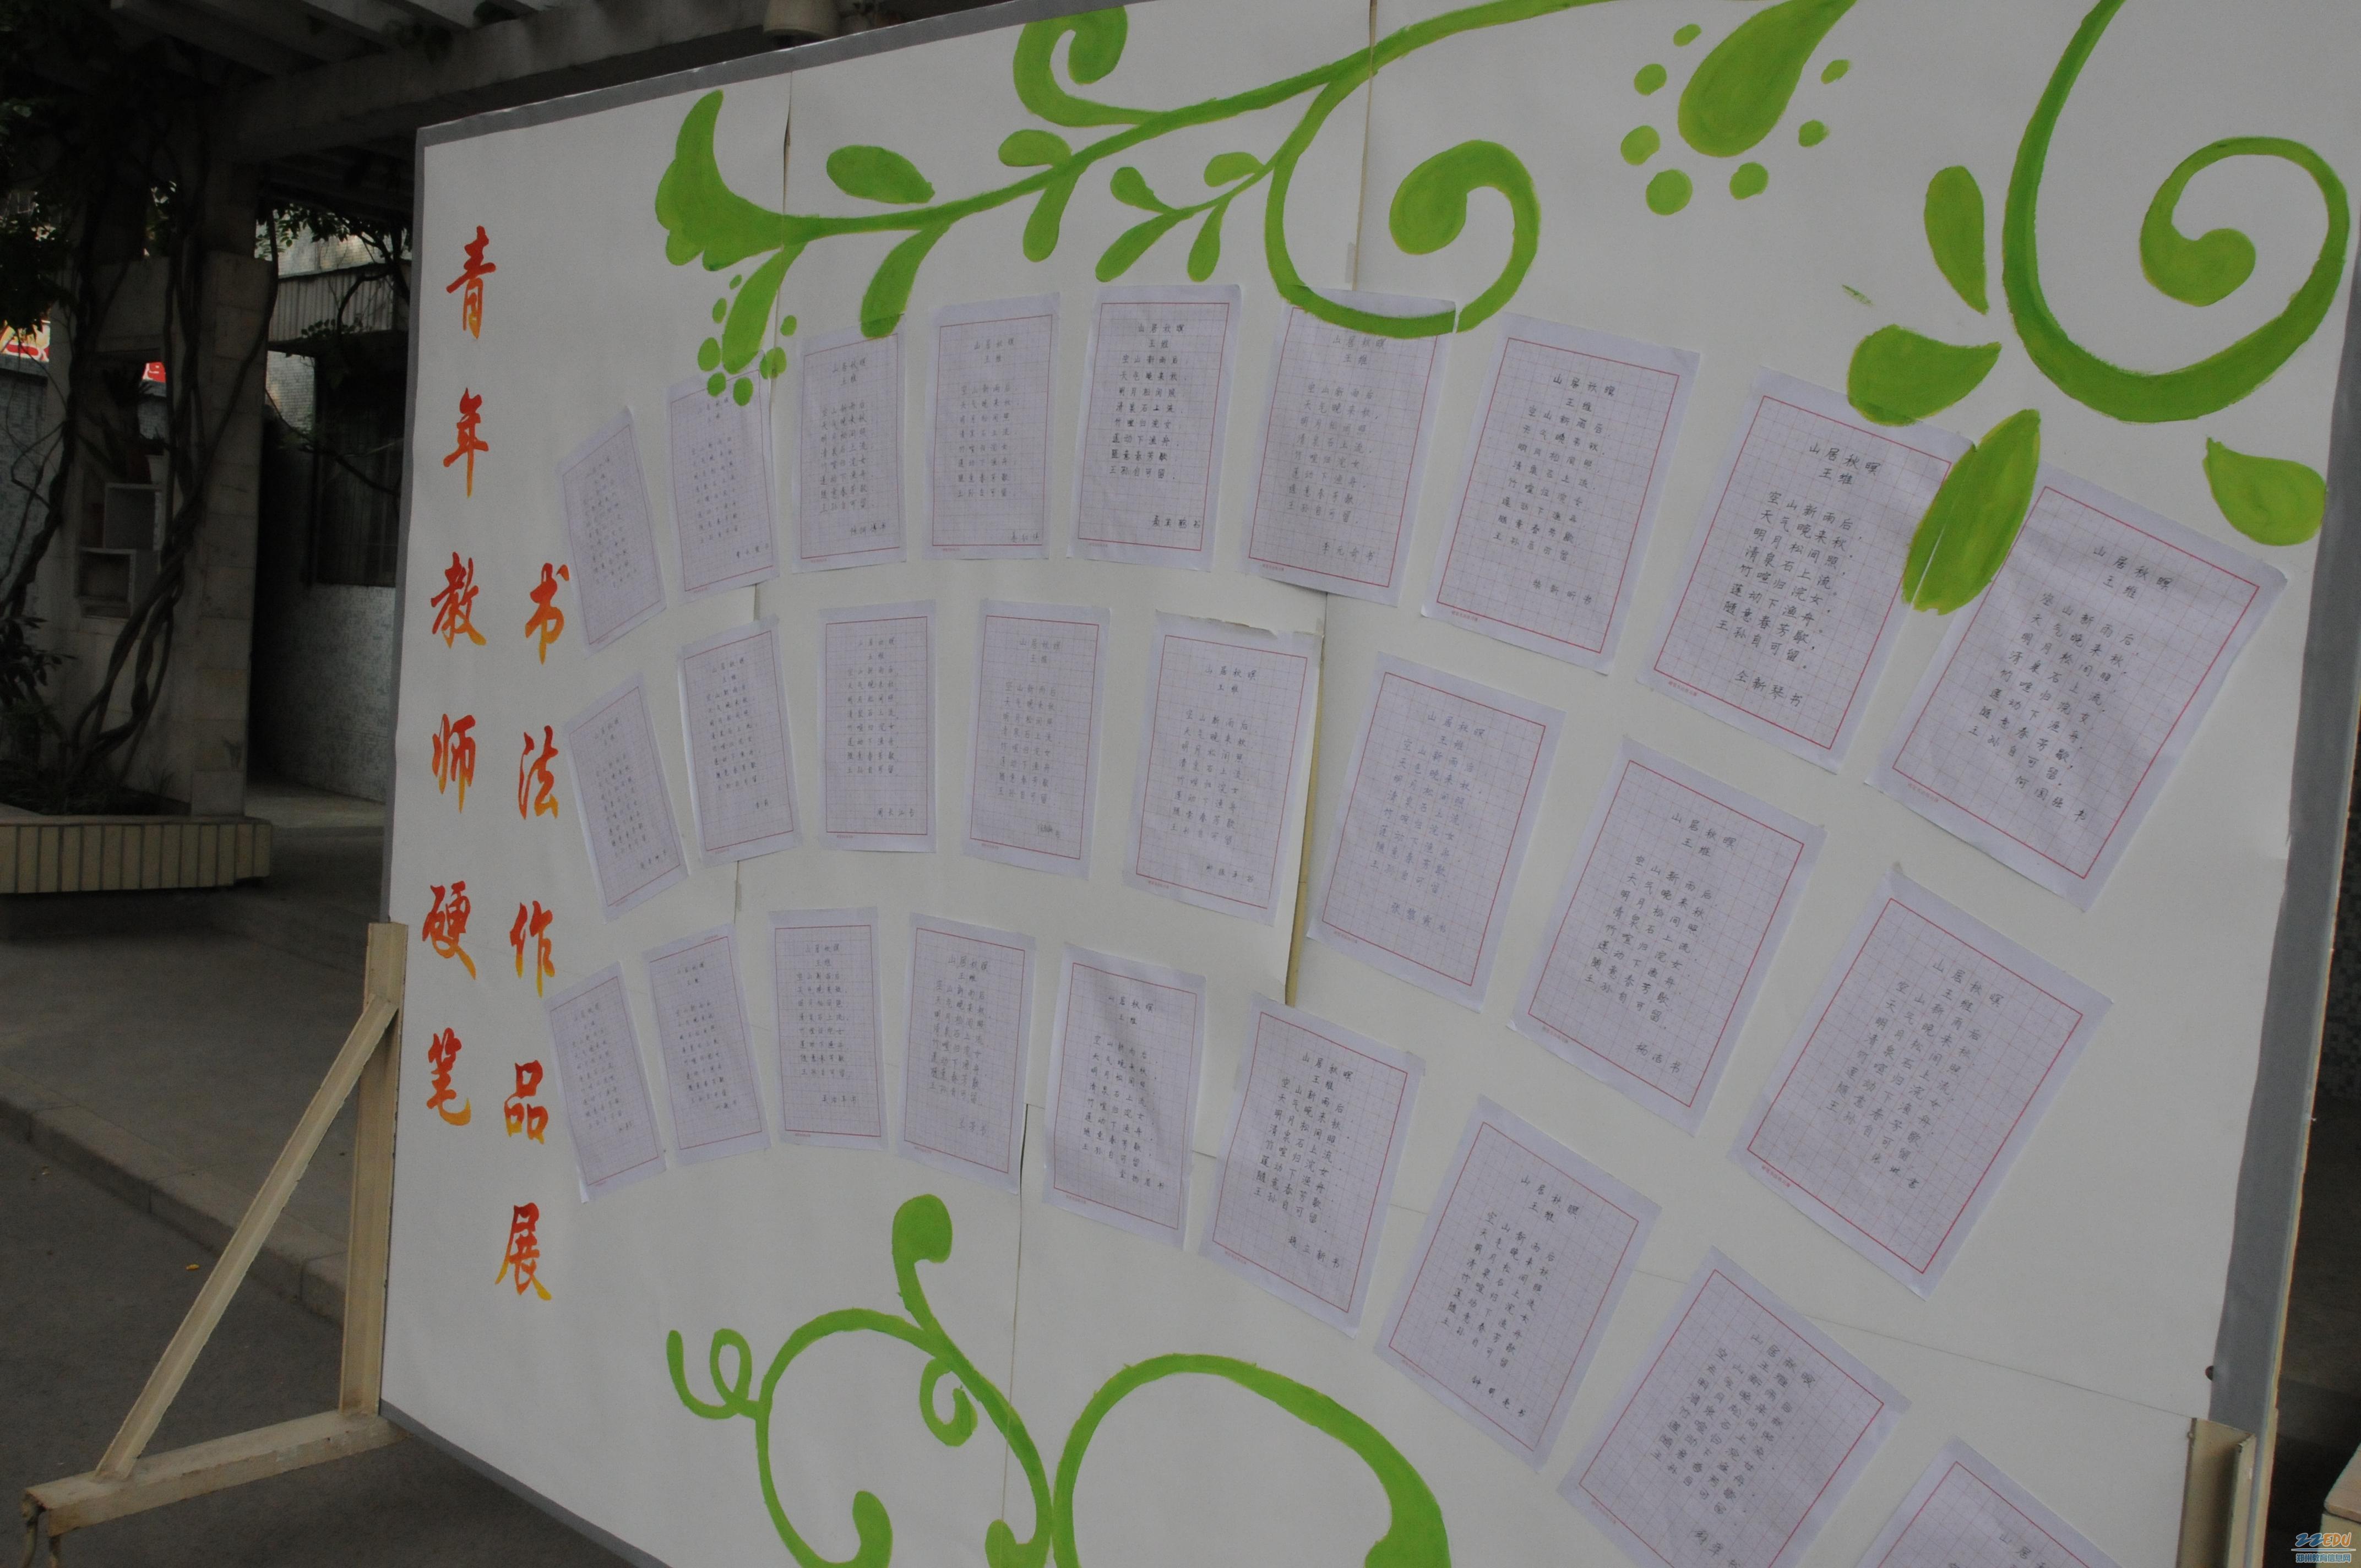 青年/郑州幼师青年教师钢笔字比赛作品展示